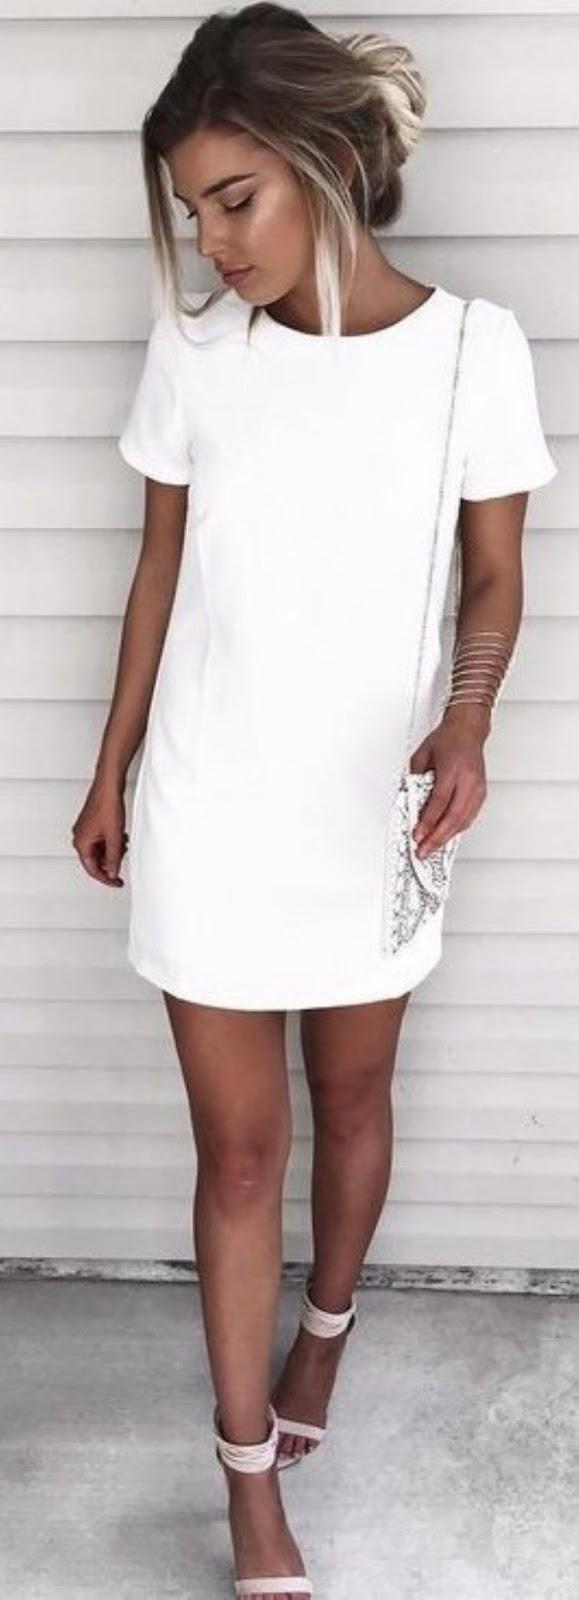 white on white | t-shirt dress + bag + heels